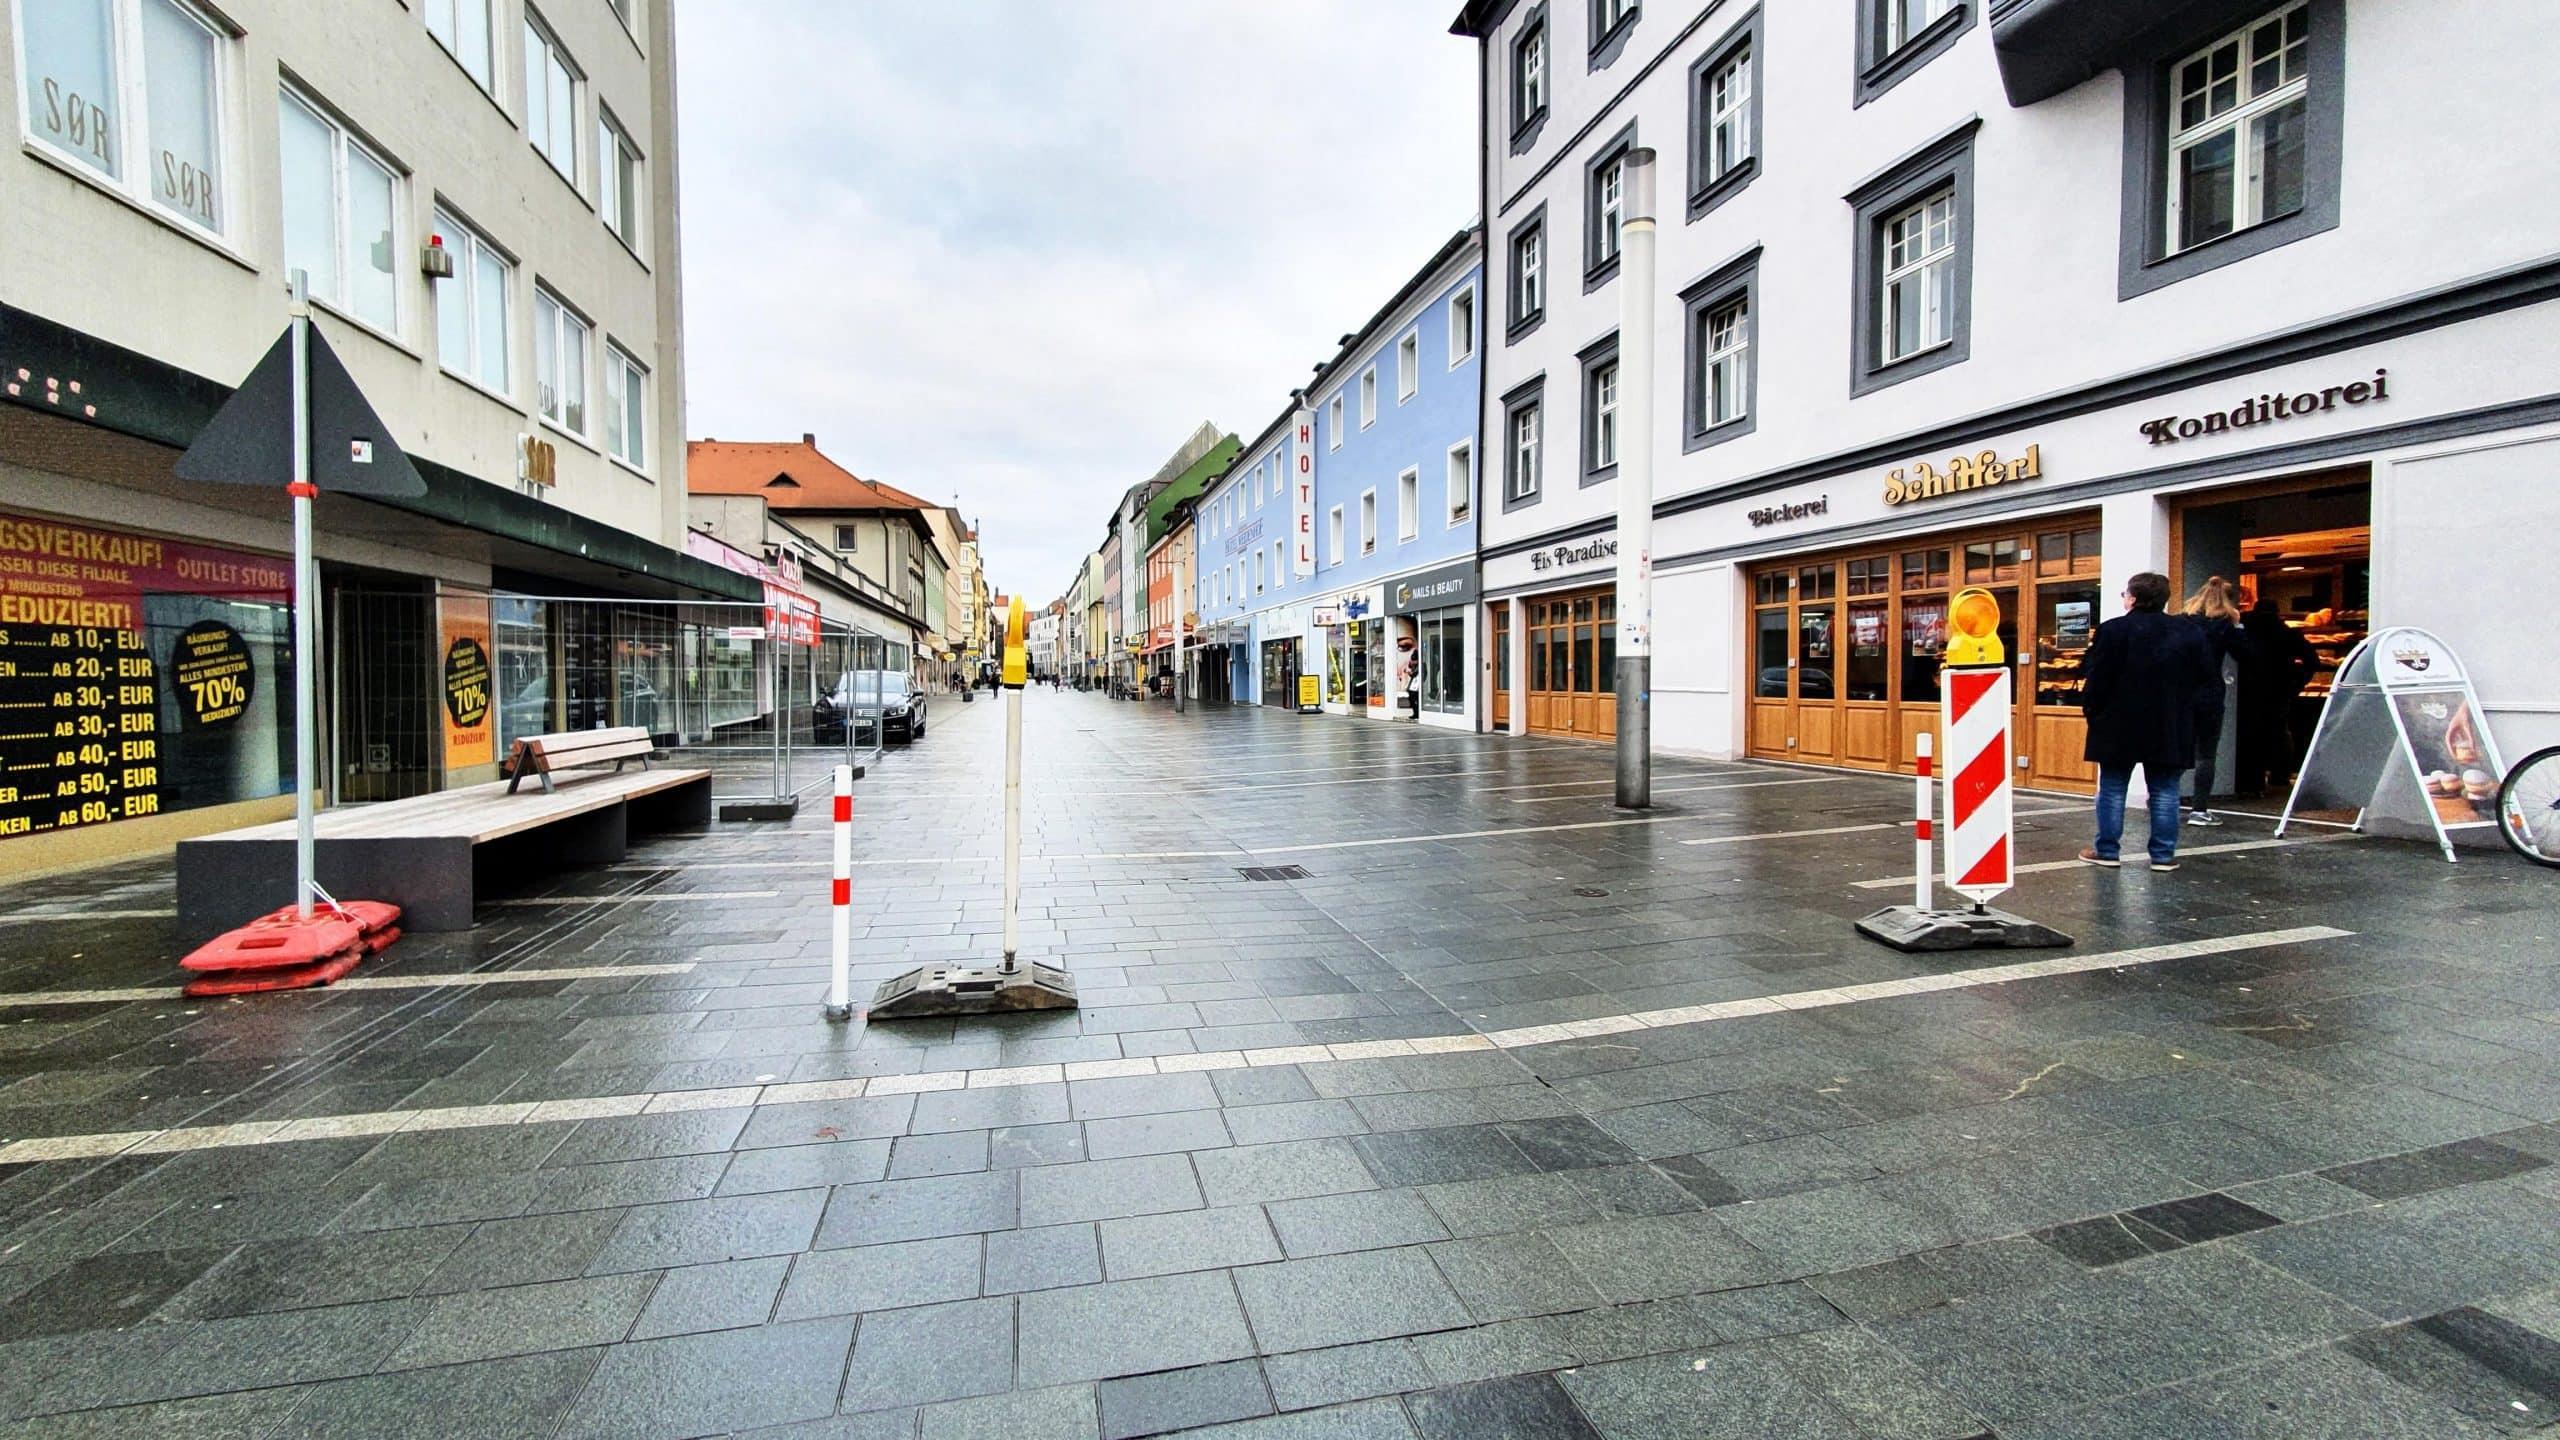 Verkehrsberuhigung beunruhigt Autofahrer Mit verstärkten Kontrollen u.a. am Domplatz will die Stadt durchgreifen